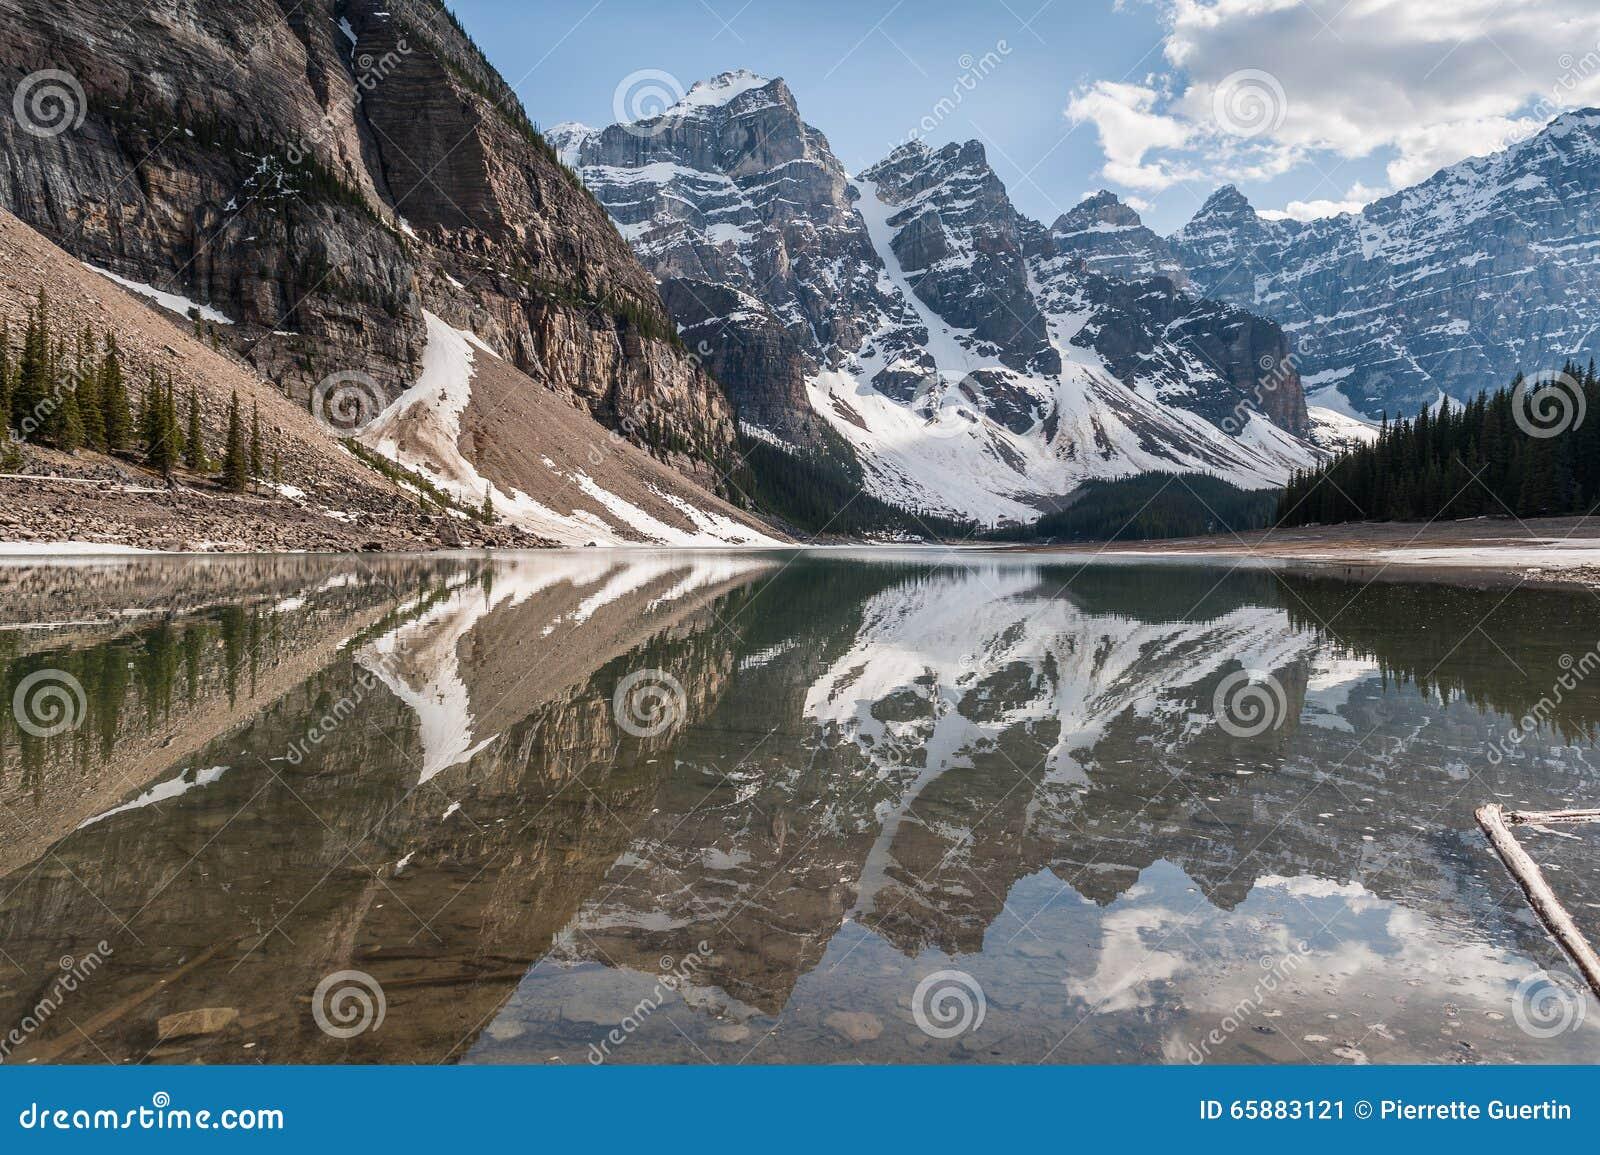 Vallée de Dix glaciers de crêtes réfléchissant sur le lac moraine